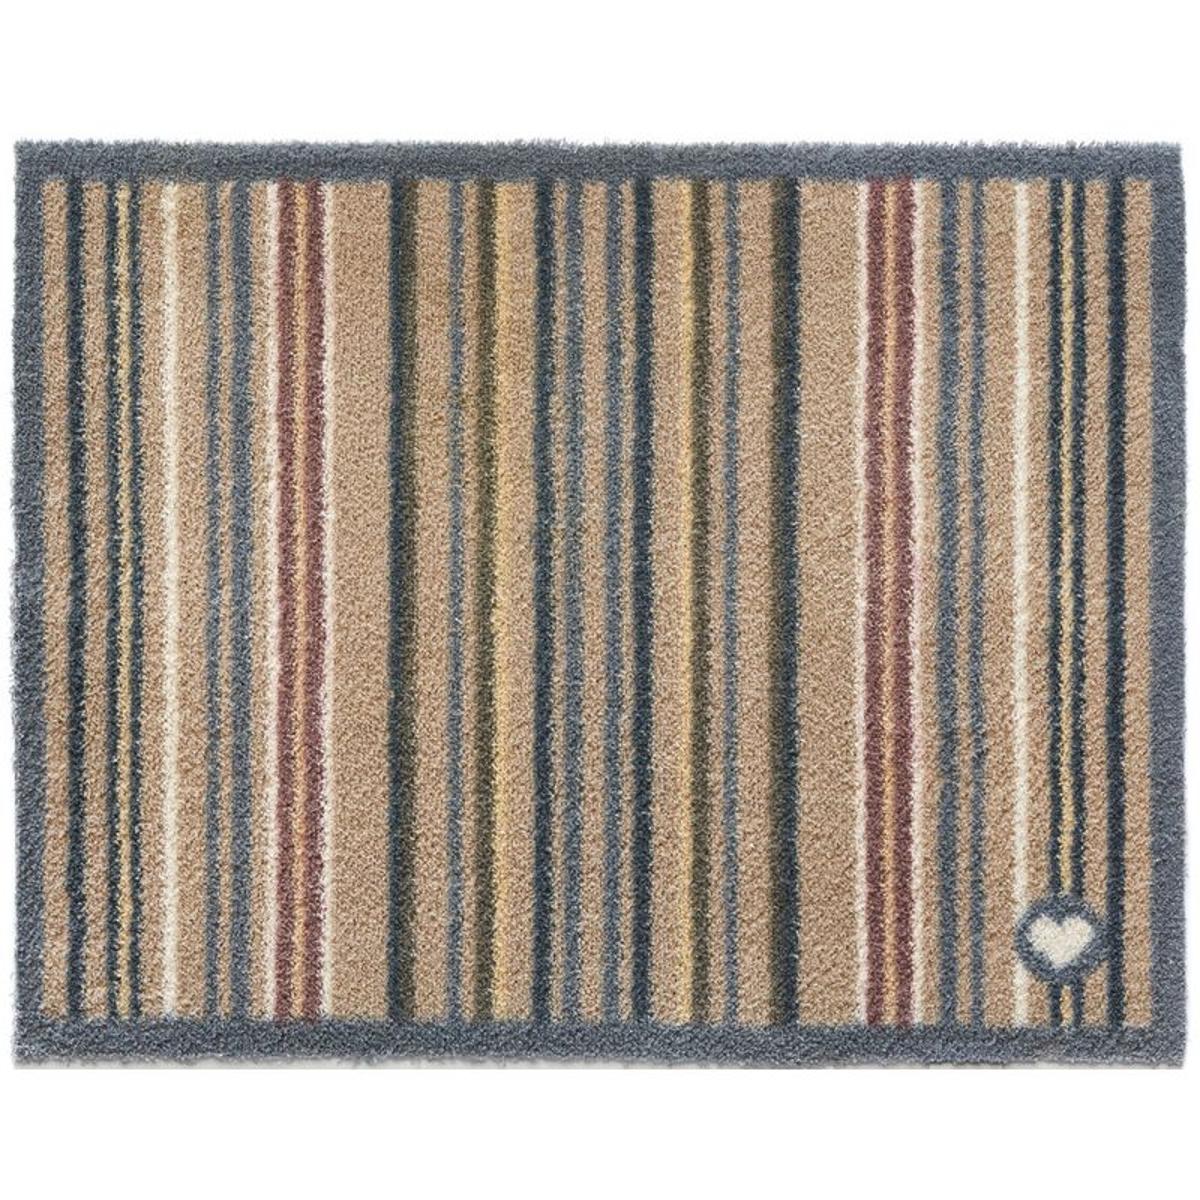 Tapis en fibres naturelles à rayures 65x150 cm